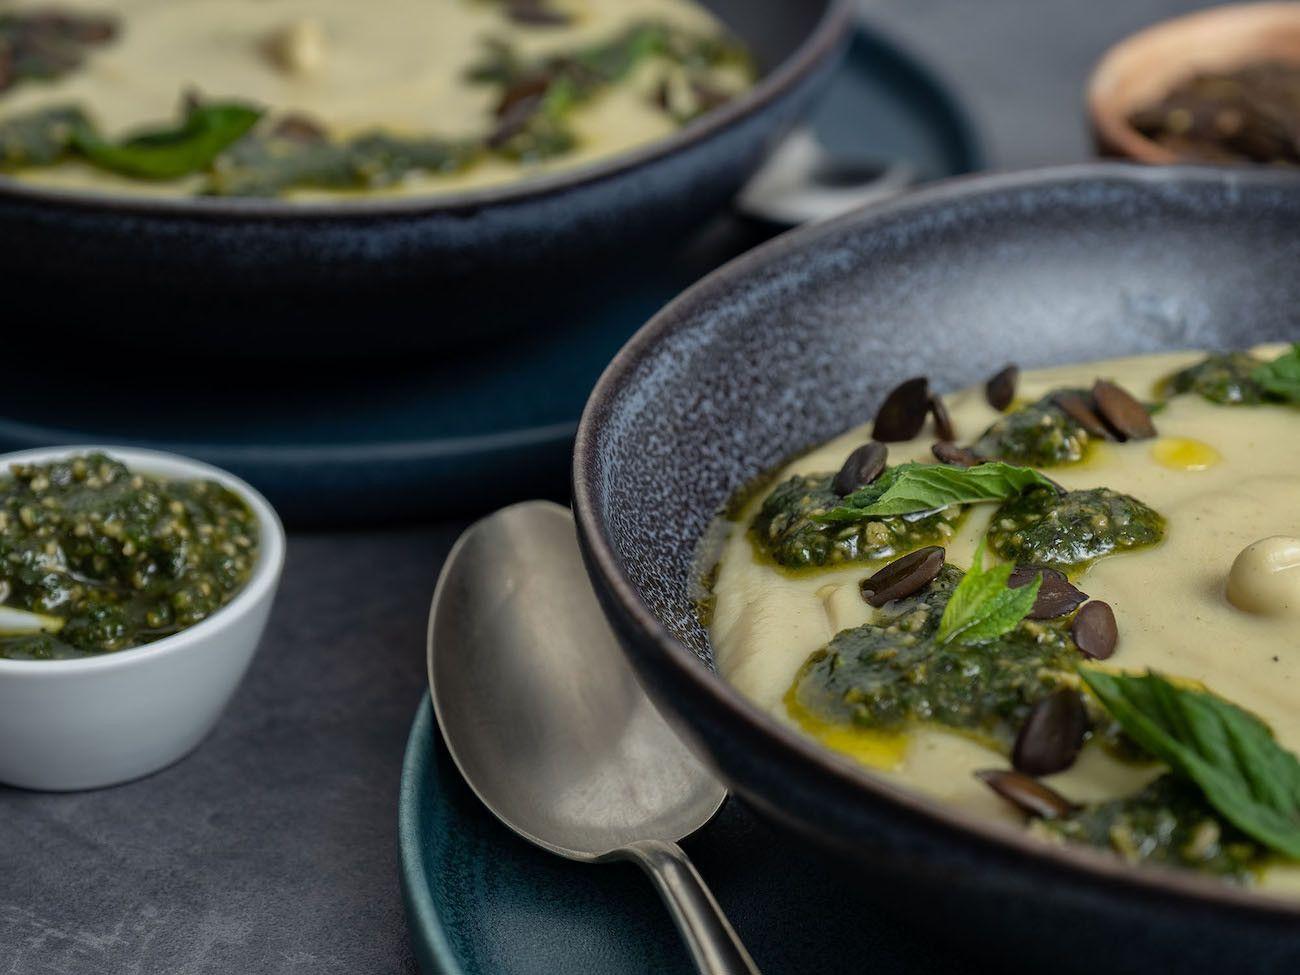 Foodblog, About Fuel, Rezept, Blumenkohlsuppe mit Sonnenblumenkern-Minz-Pesto und Kürbiskernen, Löffel, Pesto, Teller